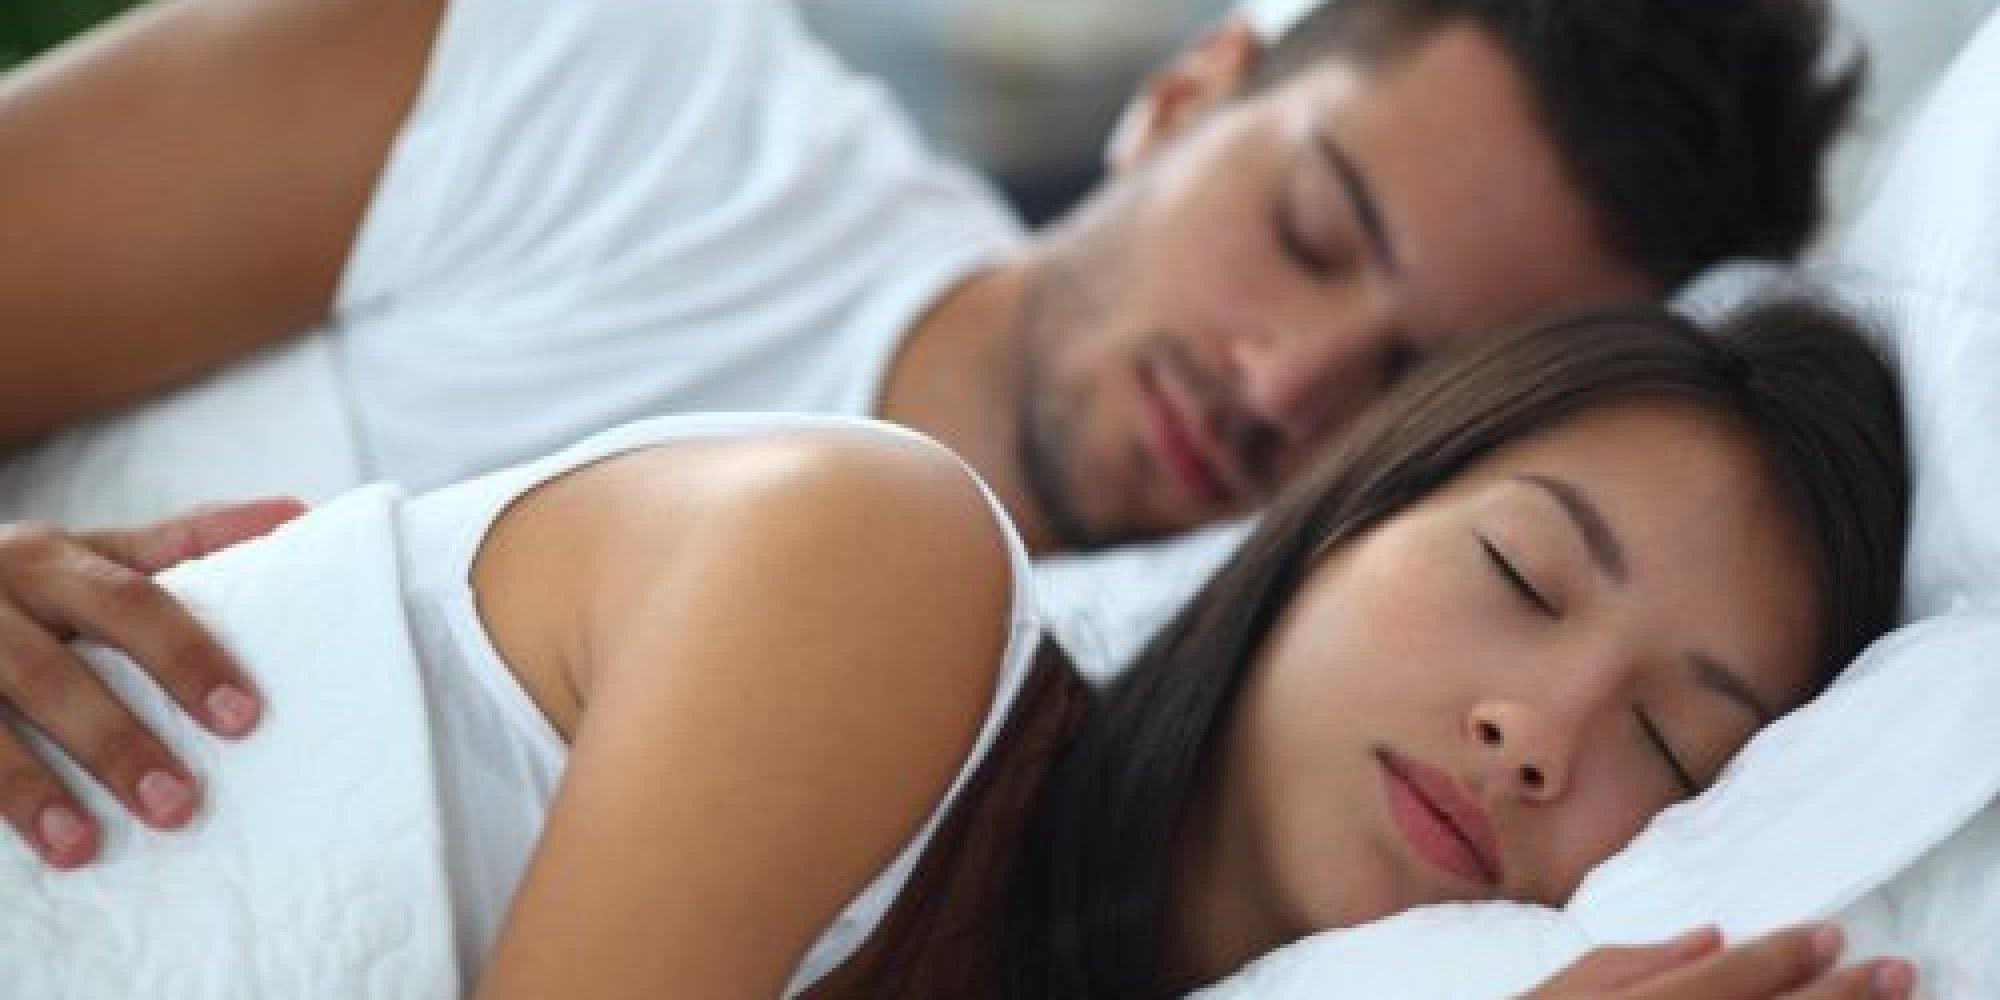 Nonton Bokep Online Dan Download Video Sex Indo Terbaru